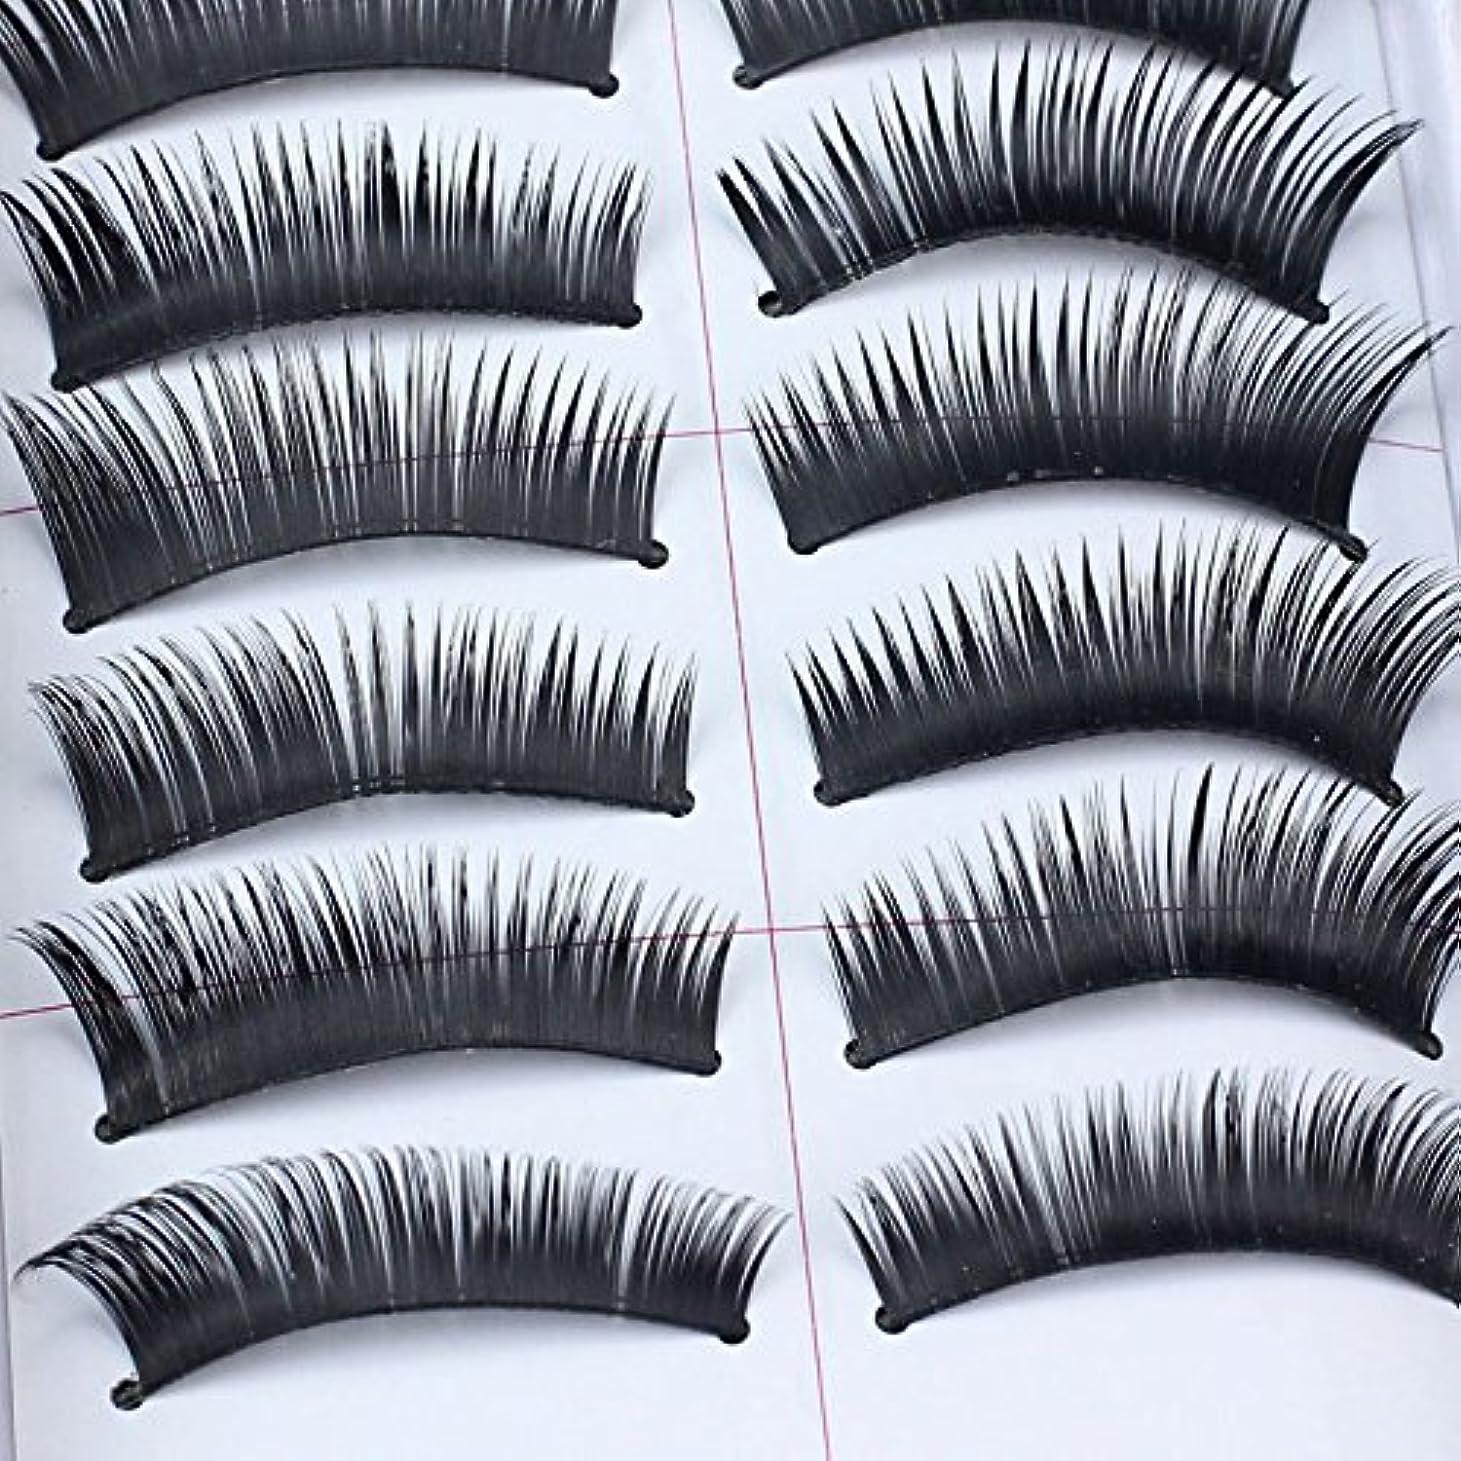 クライマックス役に立つ準備するFortanつけまつげ アイラッシュ 超濃密 高級 上まつげ セクシー 繊細 手作業 やわらかい つけまつげのり 自然 つけまつ毛 コスメ 高級繊維 激安 3D 大きい目 20pcs(10ペア)入り